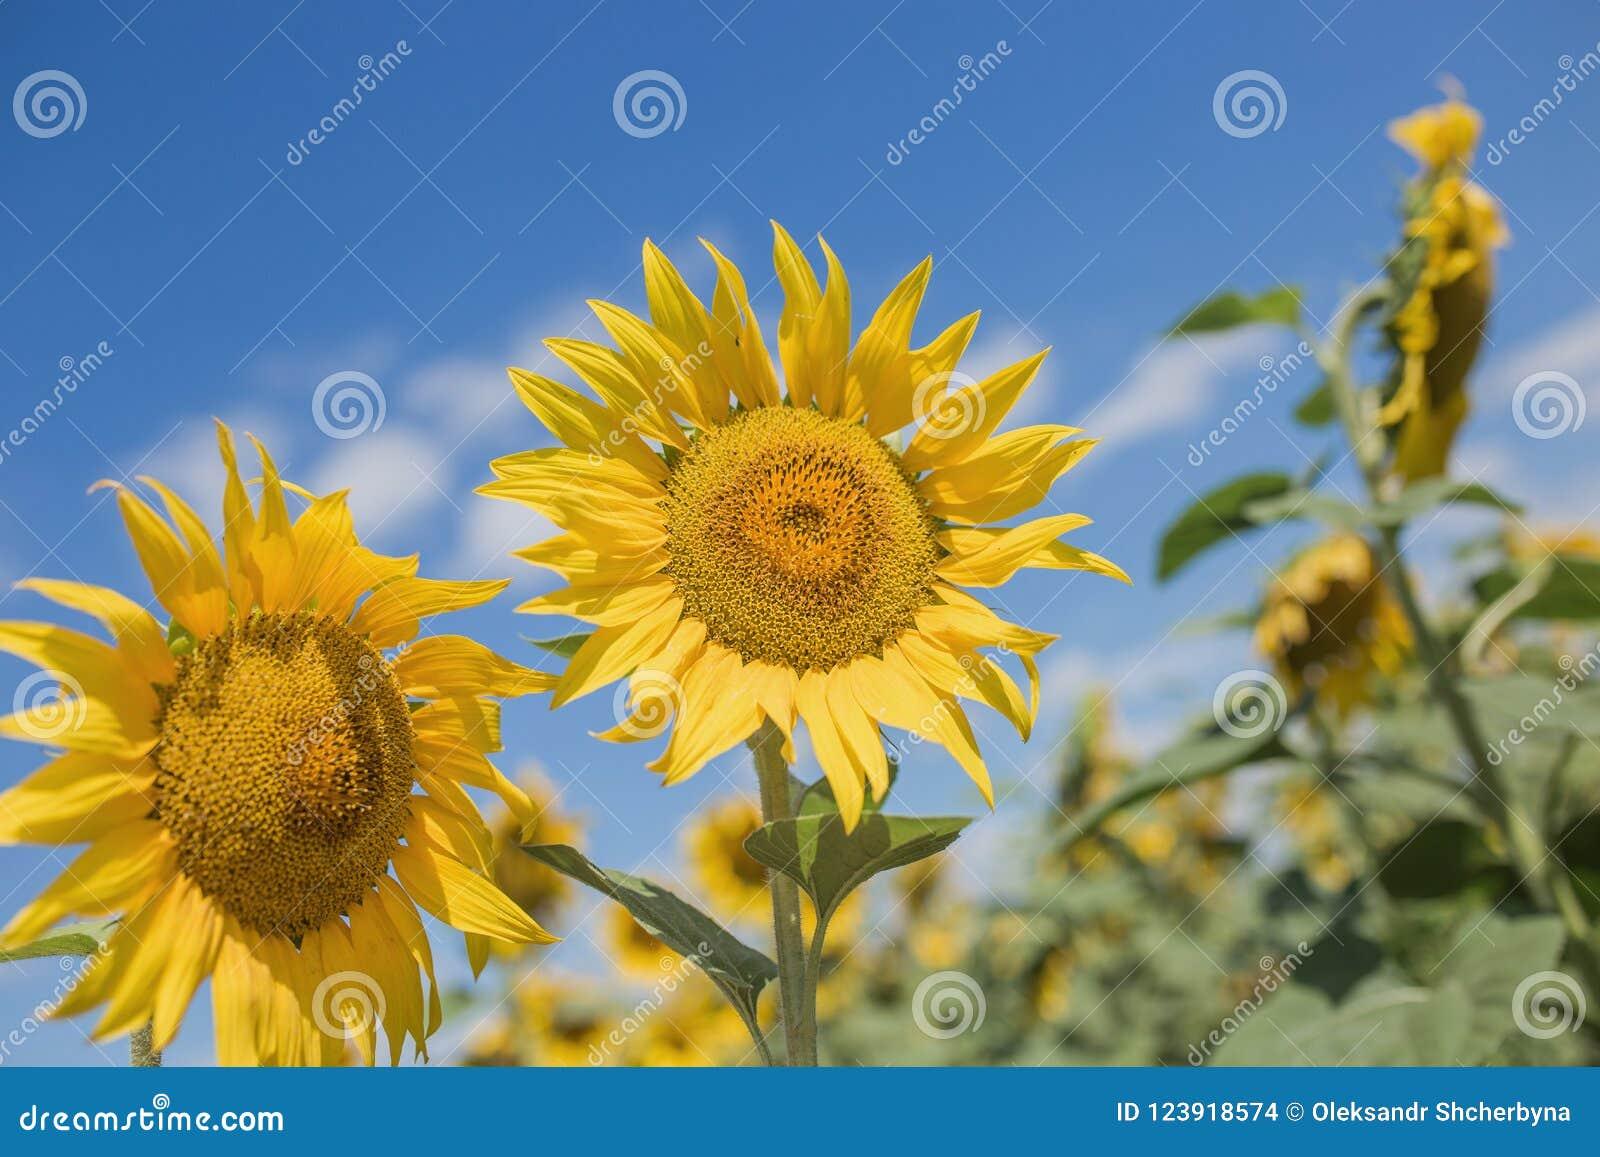 Campo de girassóis de florescência contra o céu azul